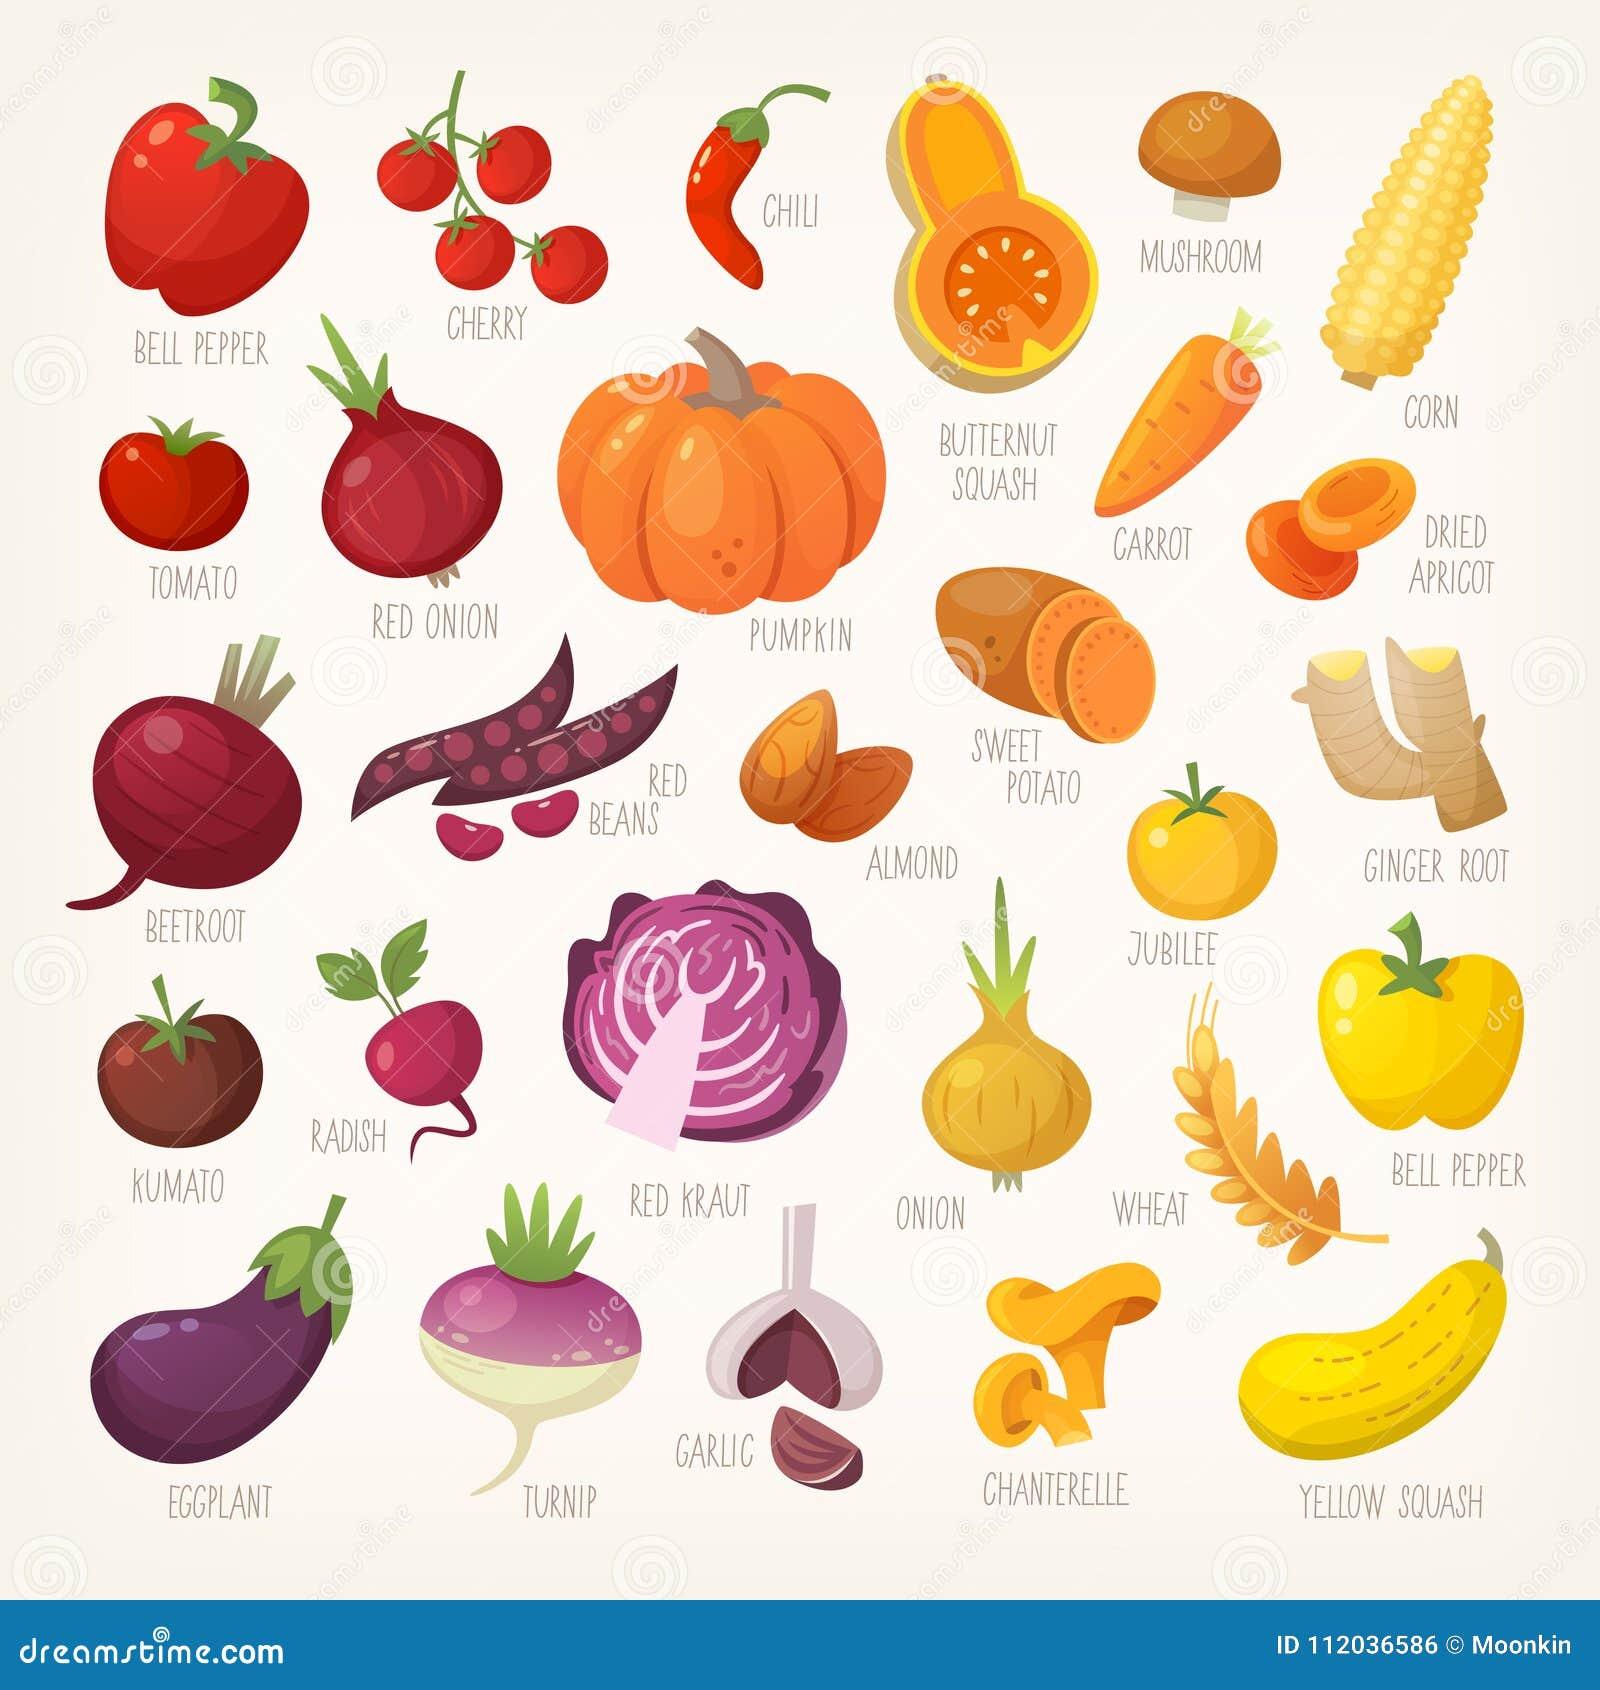 Buntes Obst und Gemüse mit Namen